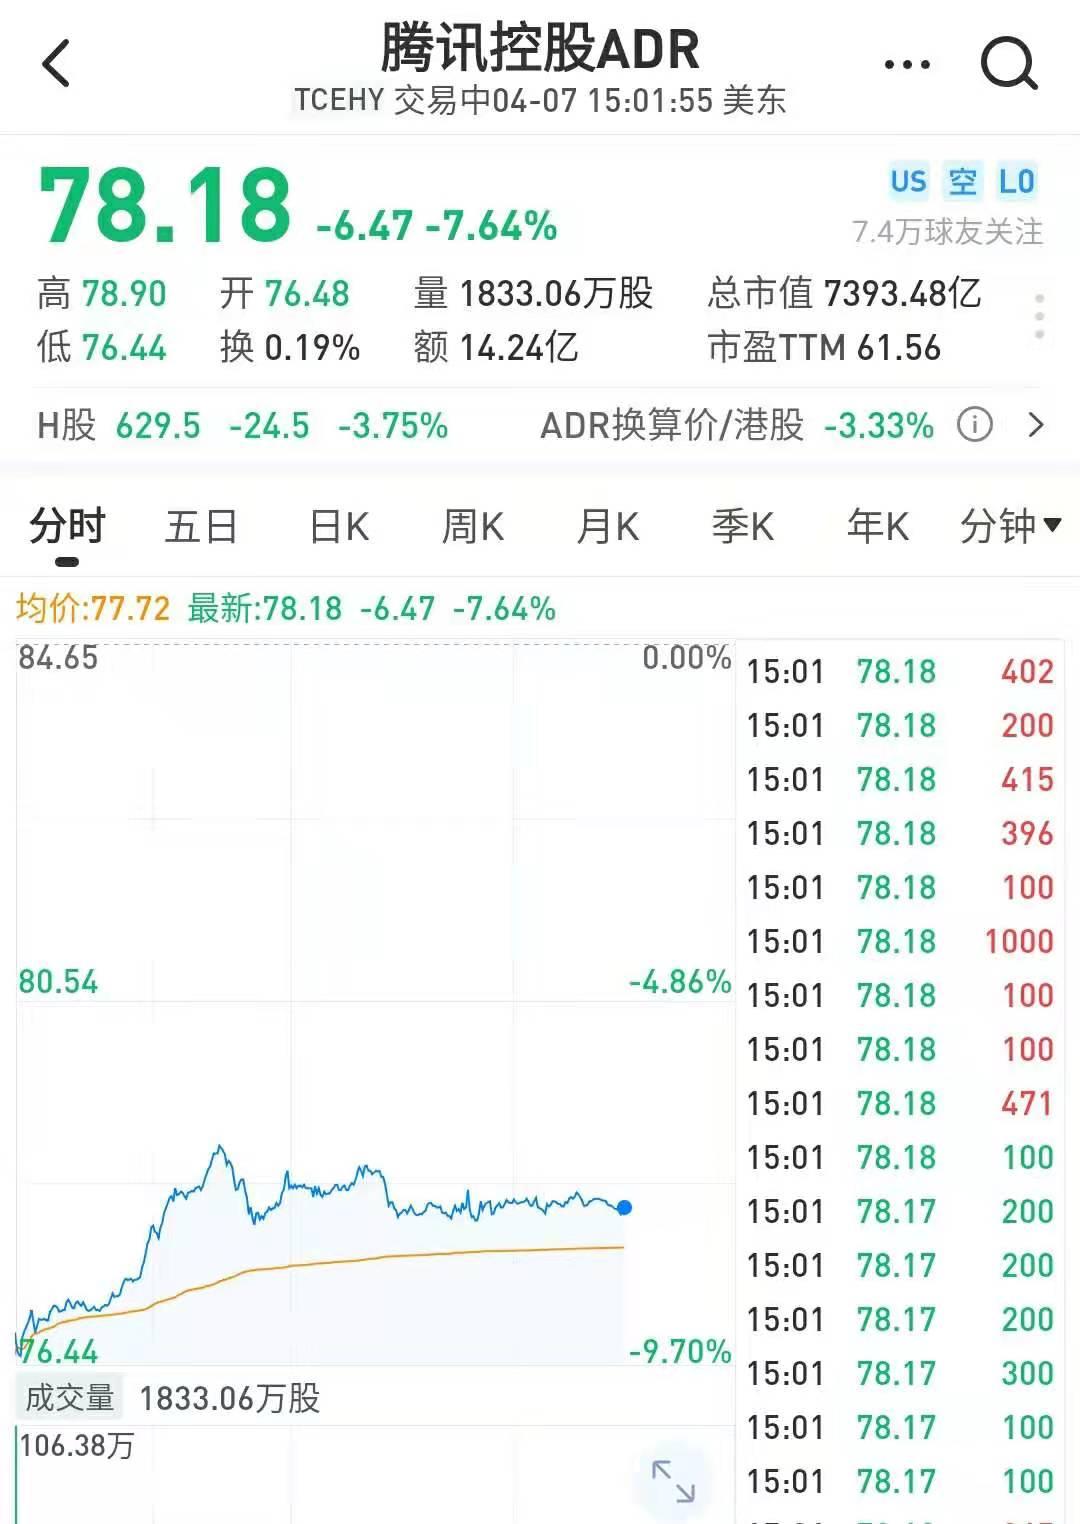 """减持一个三六零:腾讯大股东掐点抛售1000多亿 要砸""""黄金坑""""?"""